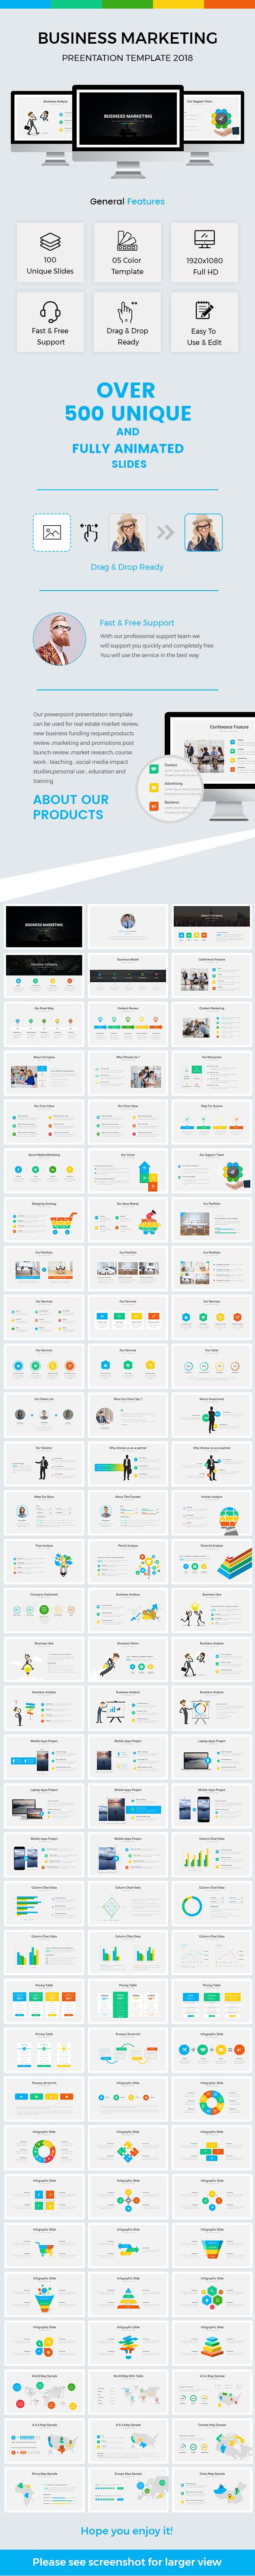 Business Marketing Google Slides Template 2018 - Google Slides Presentation Templates